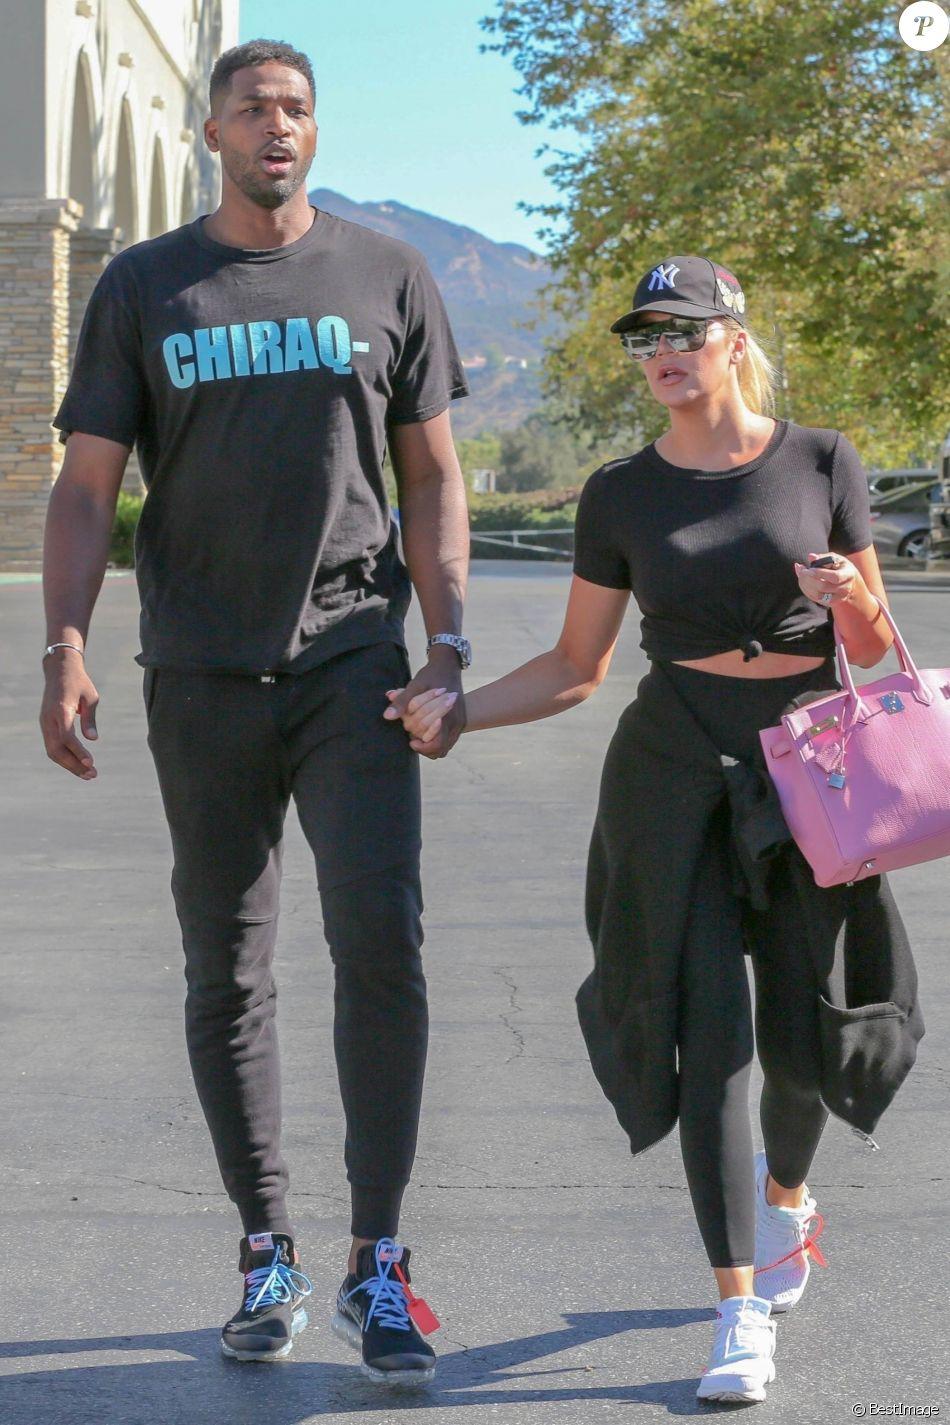 Exclusif - Khloe Kardashian et son compagnon Tristan Thompson sont allés voir le film White Boy Rick au cinéma à Calabasas. Le 16 septembre 2018.